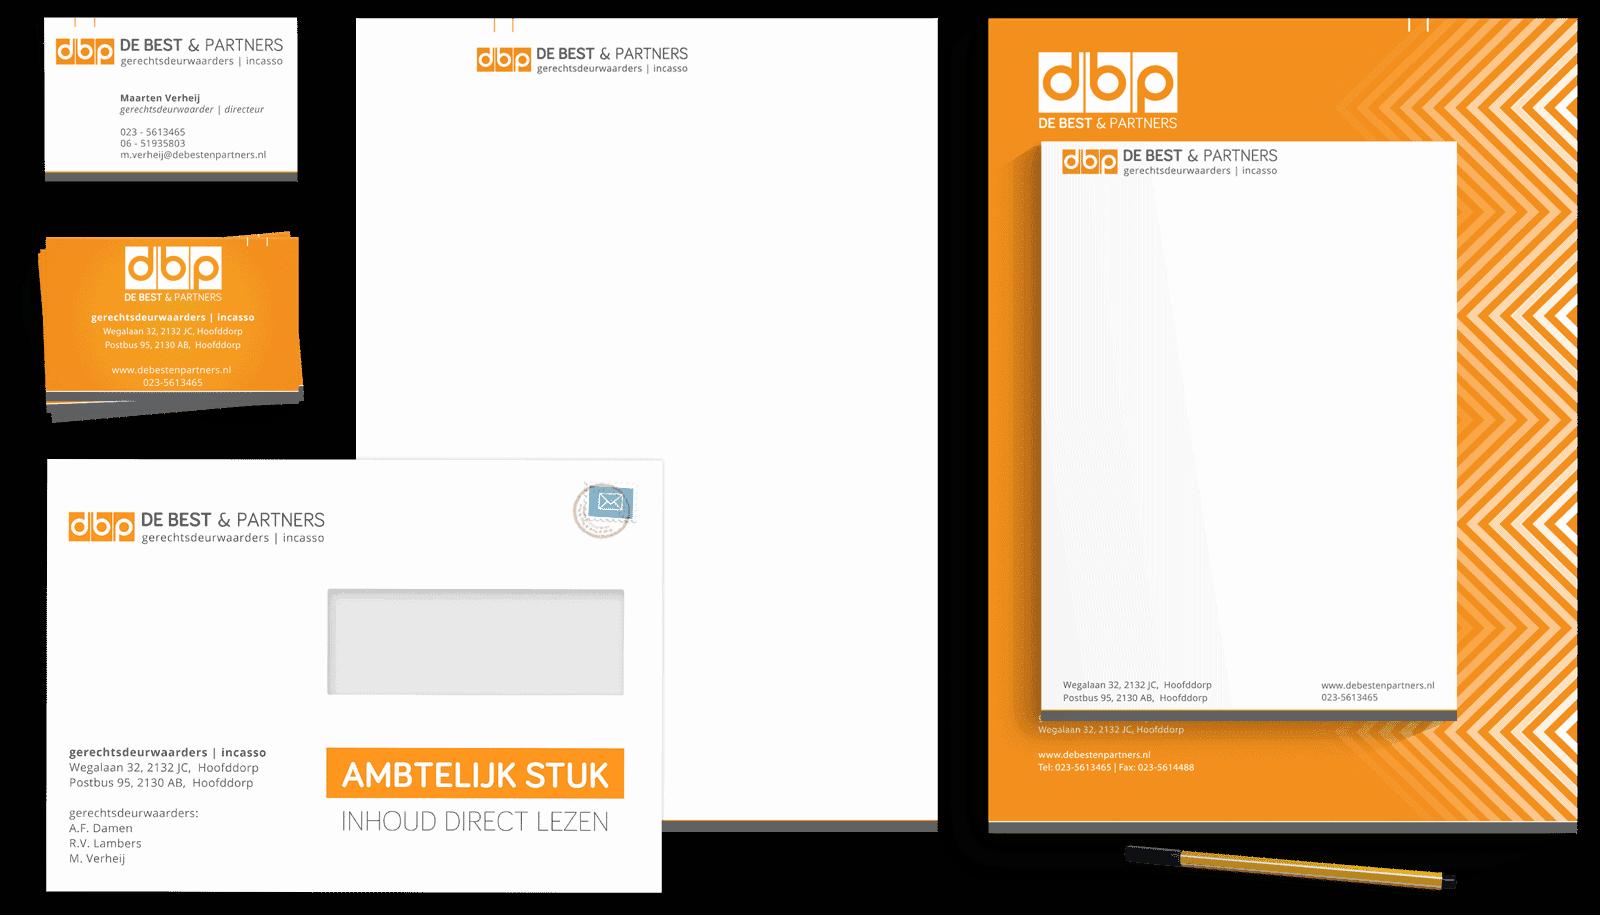 Afbeelding met alle grafische huisstijl uitingen van De Best en Partners. Op de afbeelding staan de visitekaartjes, briefpapier, enveloppe met venster.